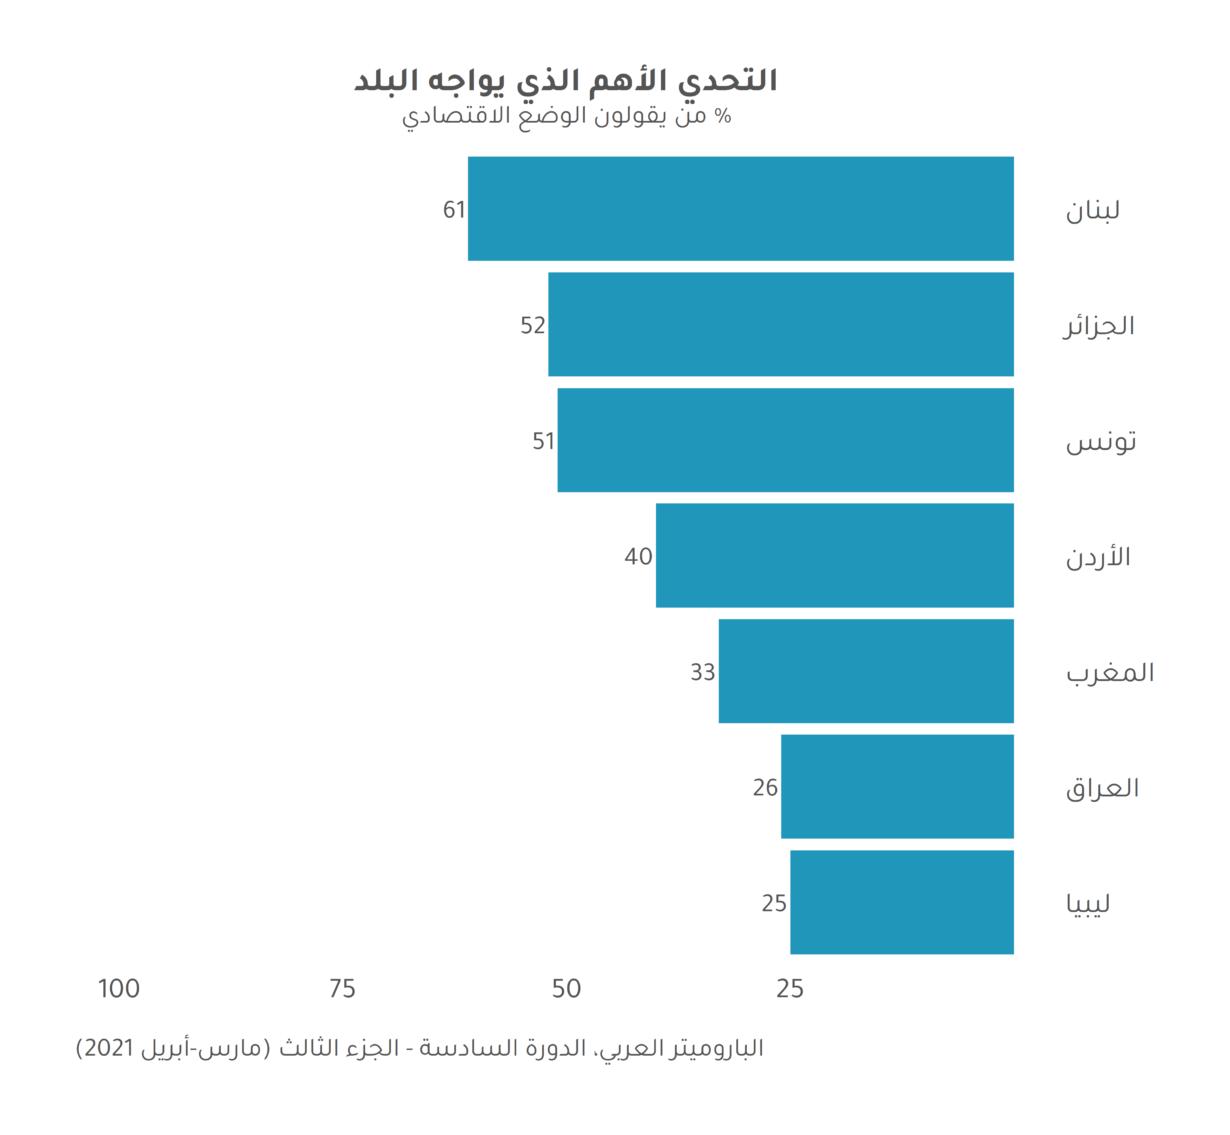 صحيفة وقائع: الاقتصاد في منطقة الشرق الأوسط وشمال افريقيا